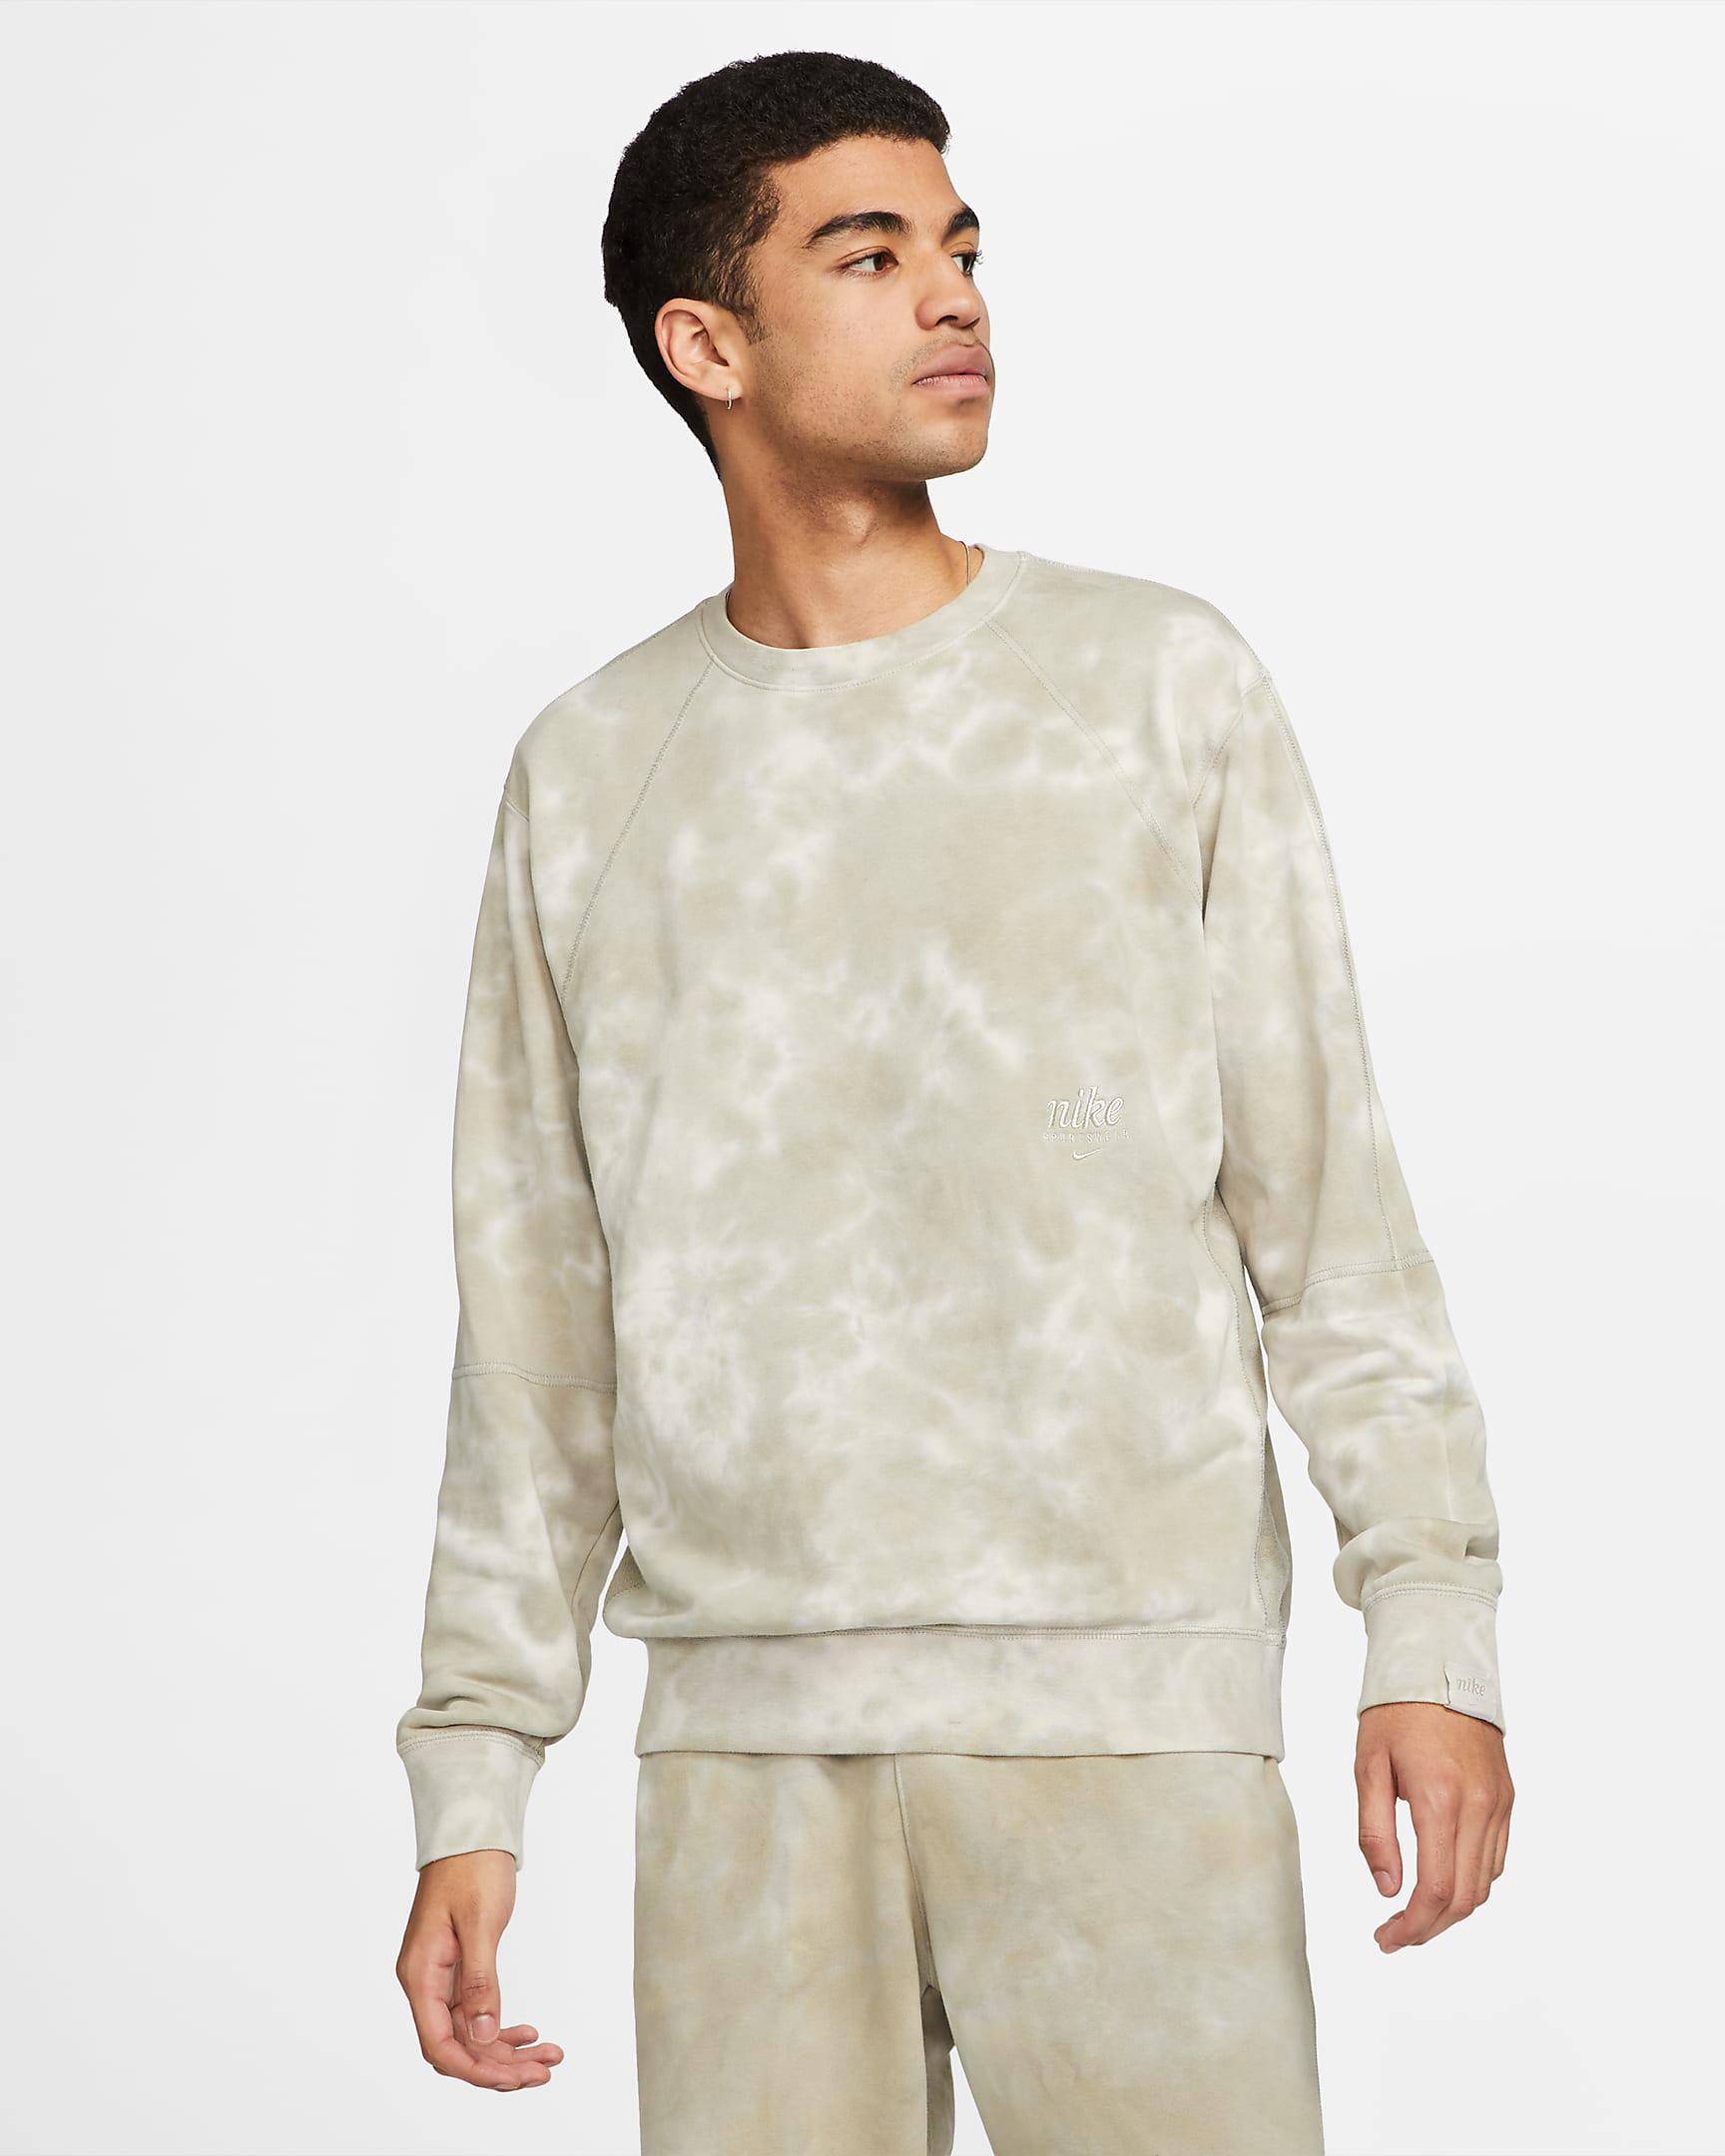 nike-club-fleece-tie-dye-sweatshirt-cream-beige